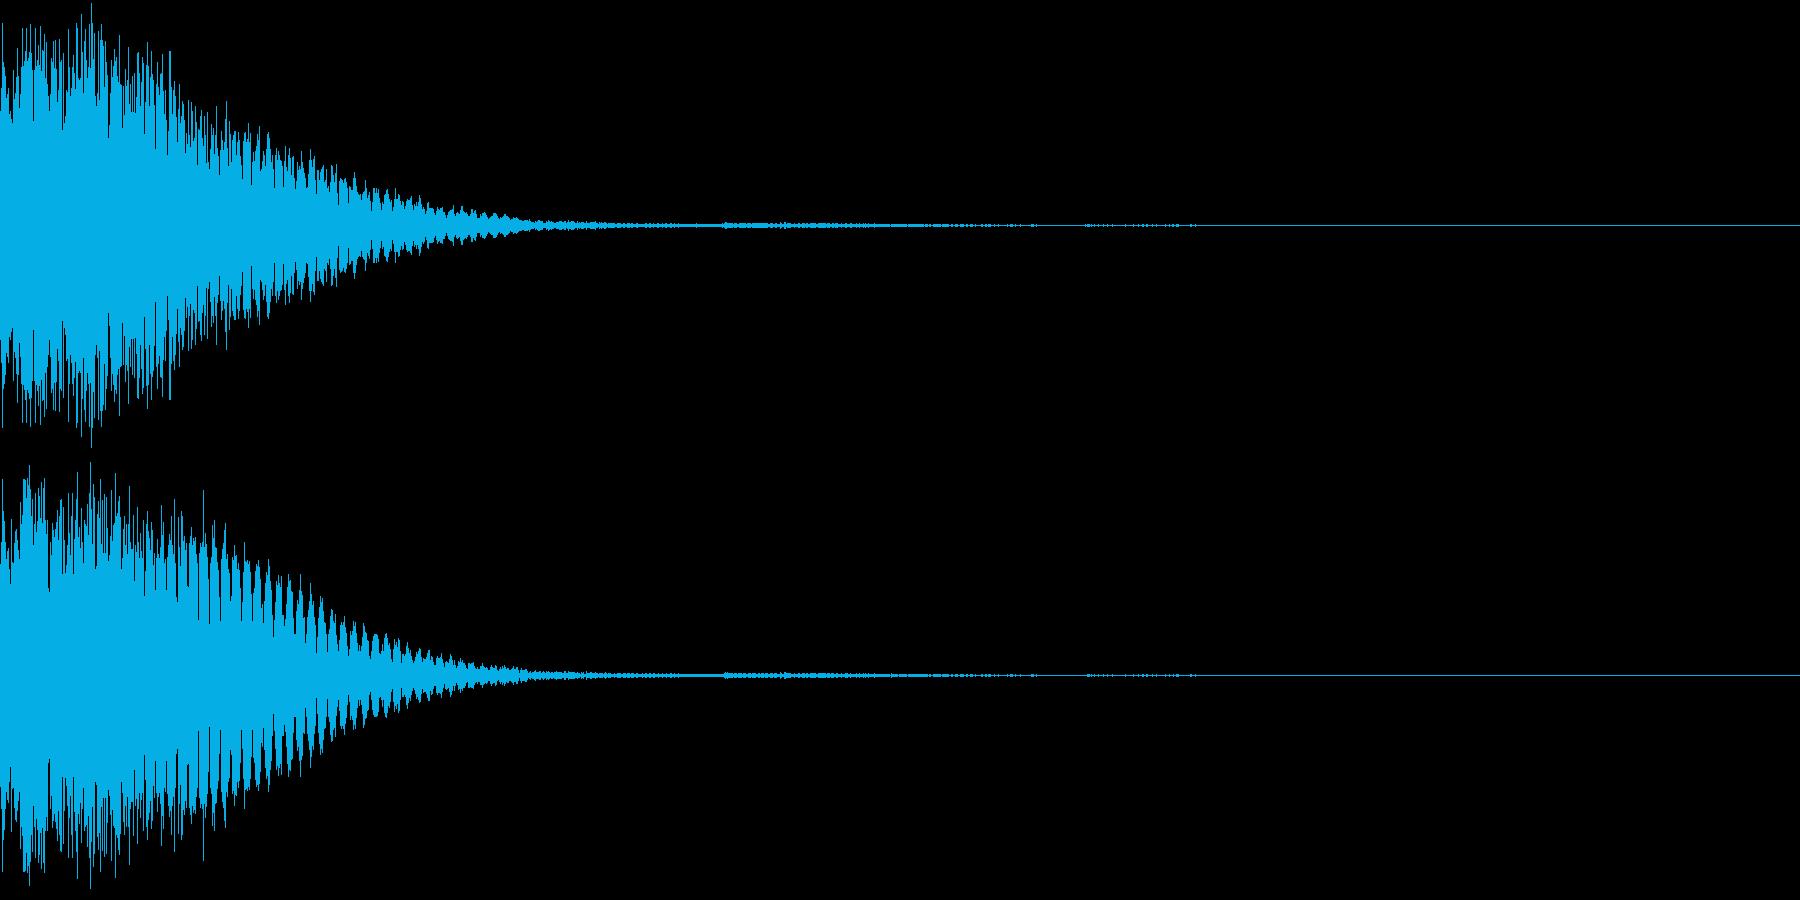 クリック音、キラン、キュイン、ピコン03の再生済みの波形